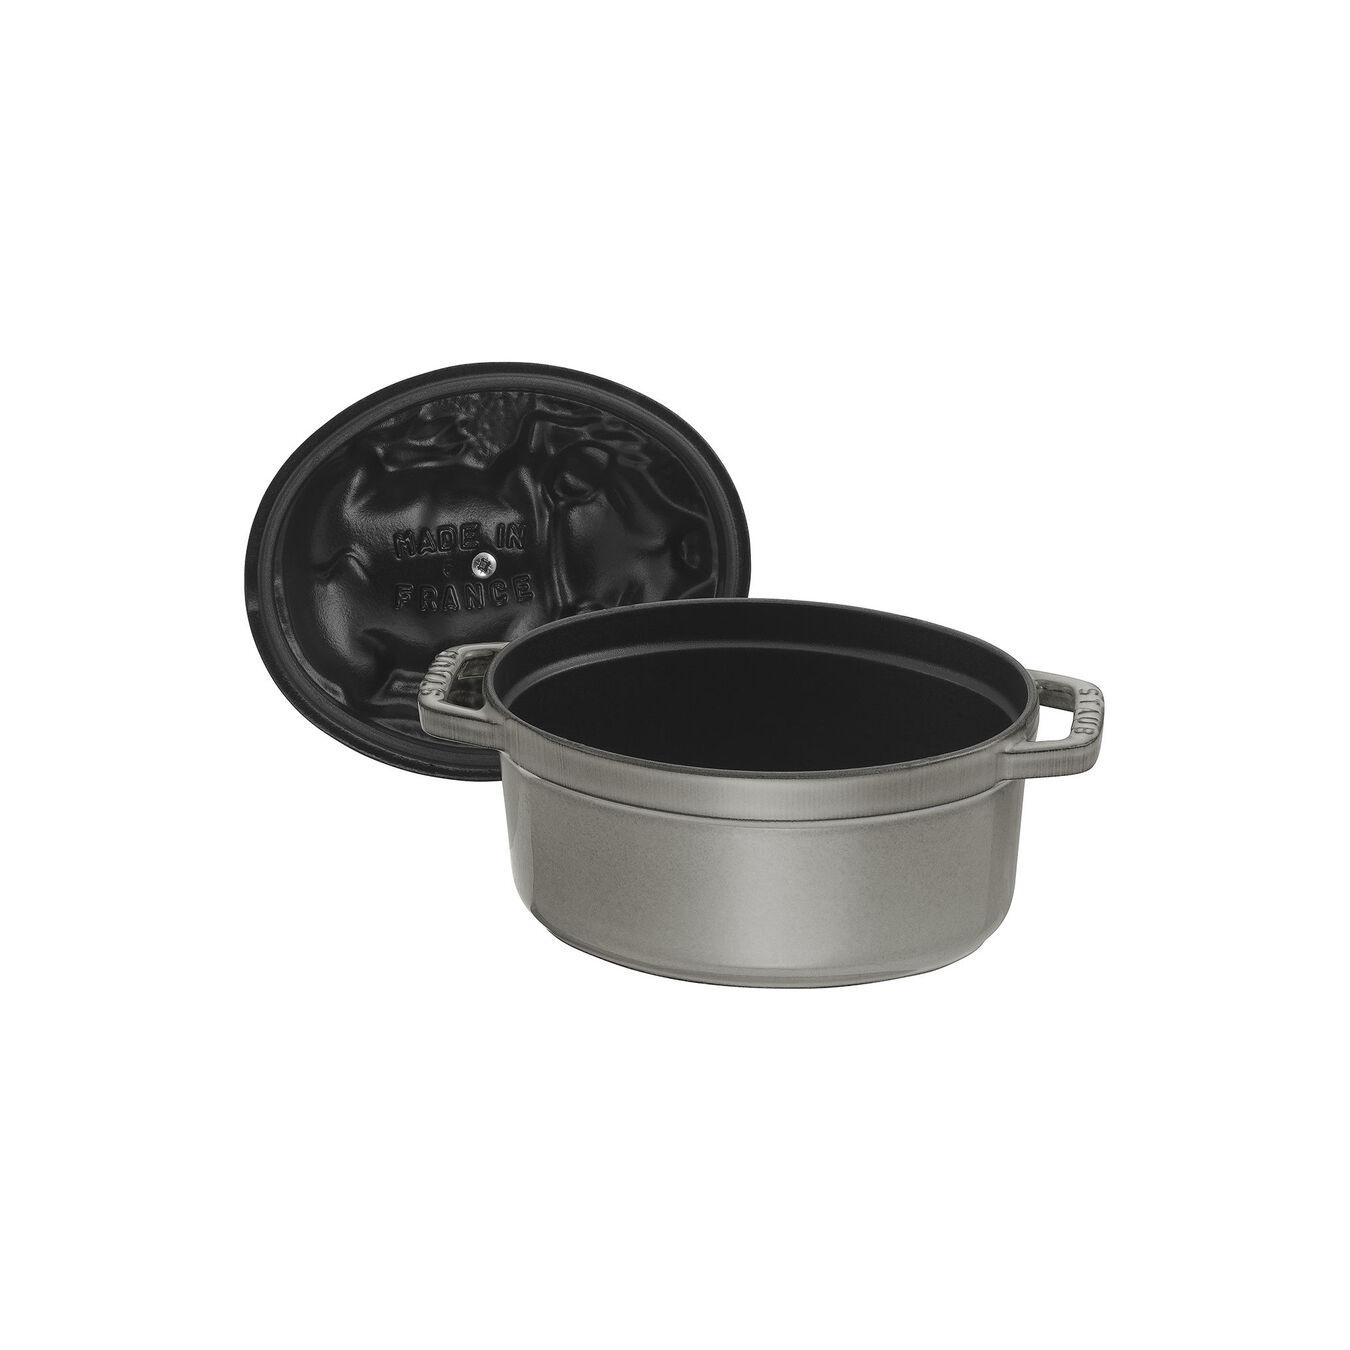 Cocotte 17 cm, Ovale, Gris graphite, Fonte,,large 6